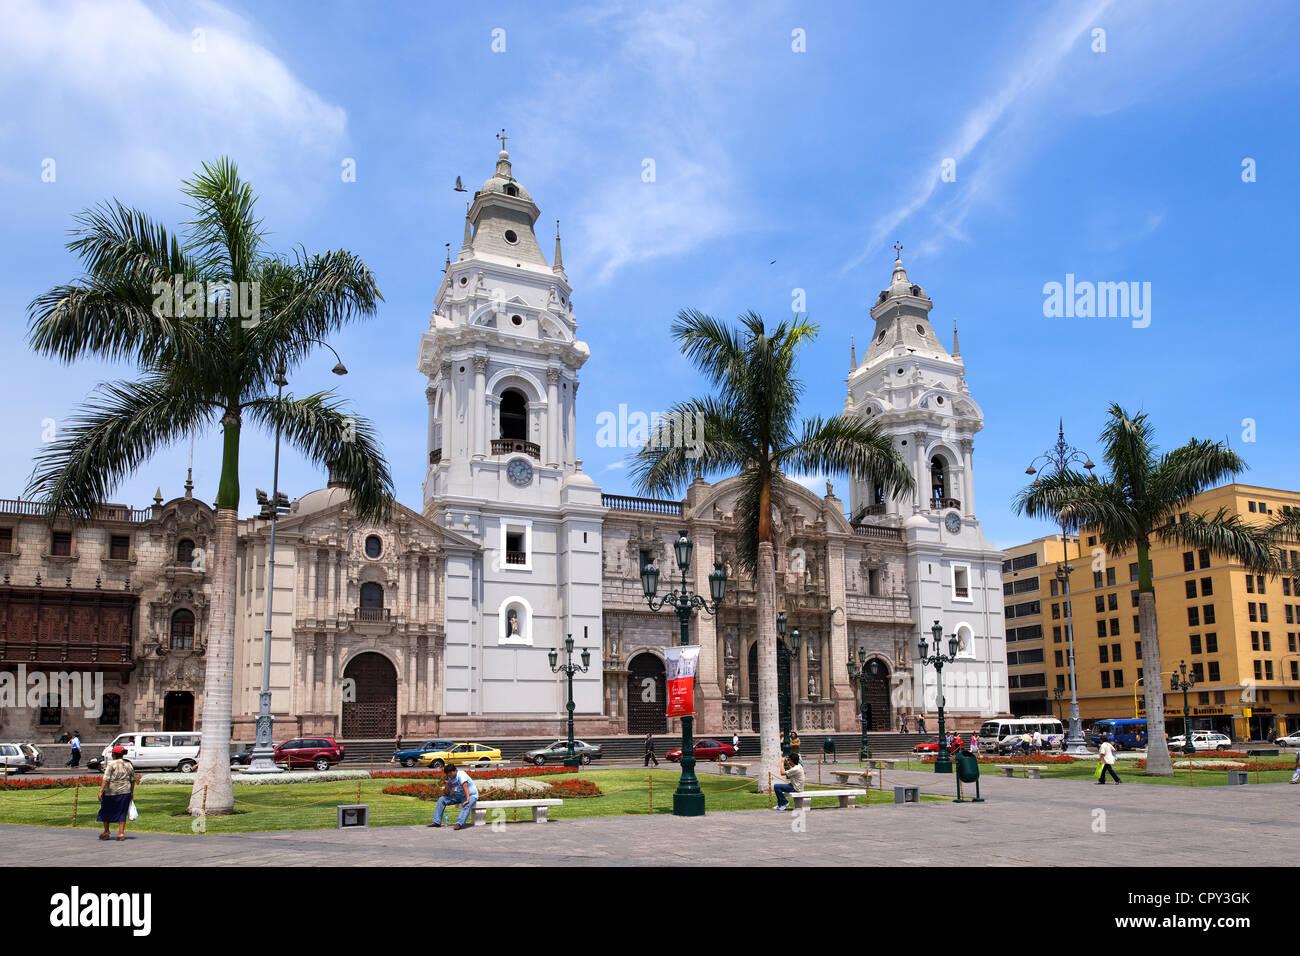 Peru Lima centro storico sono classificati come patrimonio mondiale dall' UNESCO Plaza de Armas architettura Immagini Stock